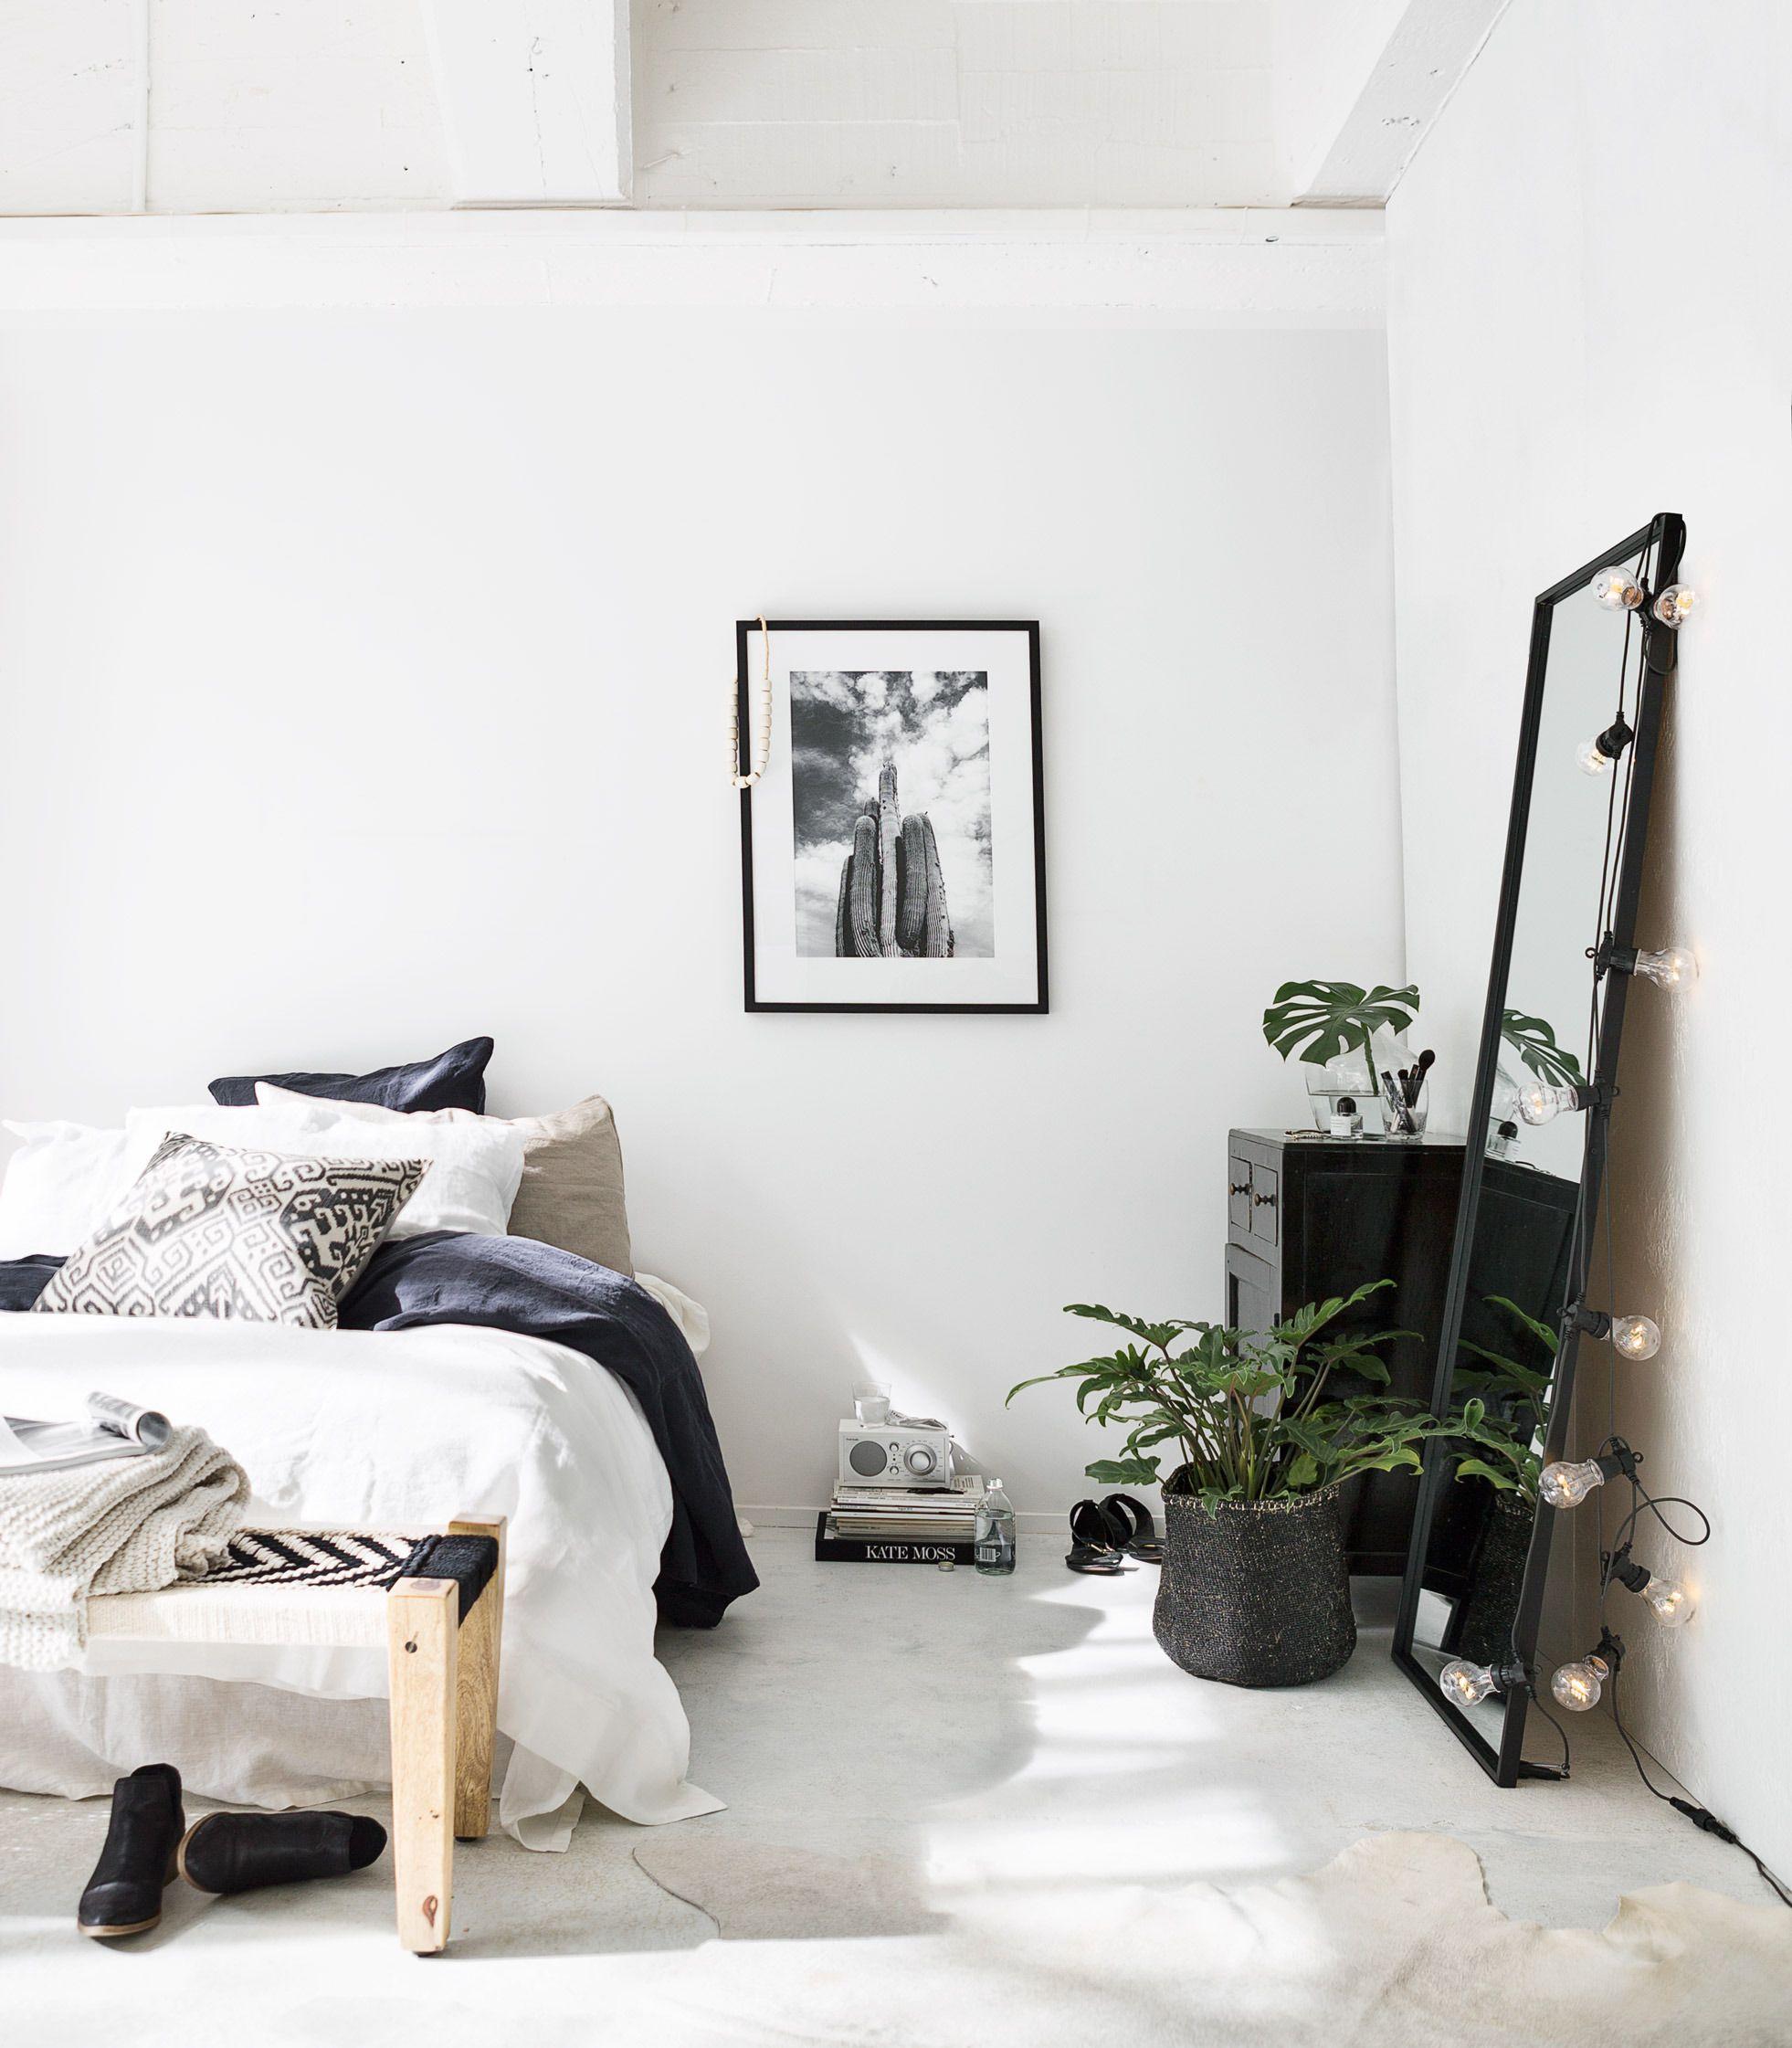 Inspirierend Wohnung Dekorieren Tipps Design